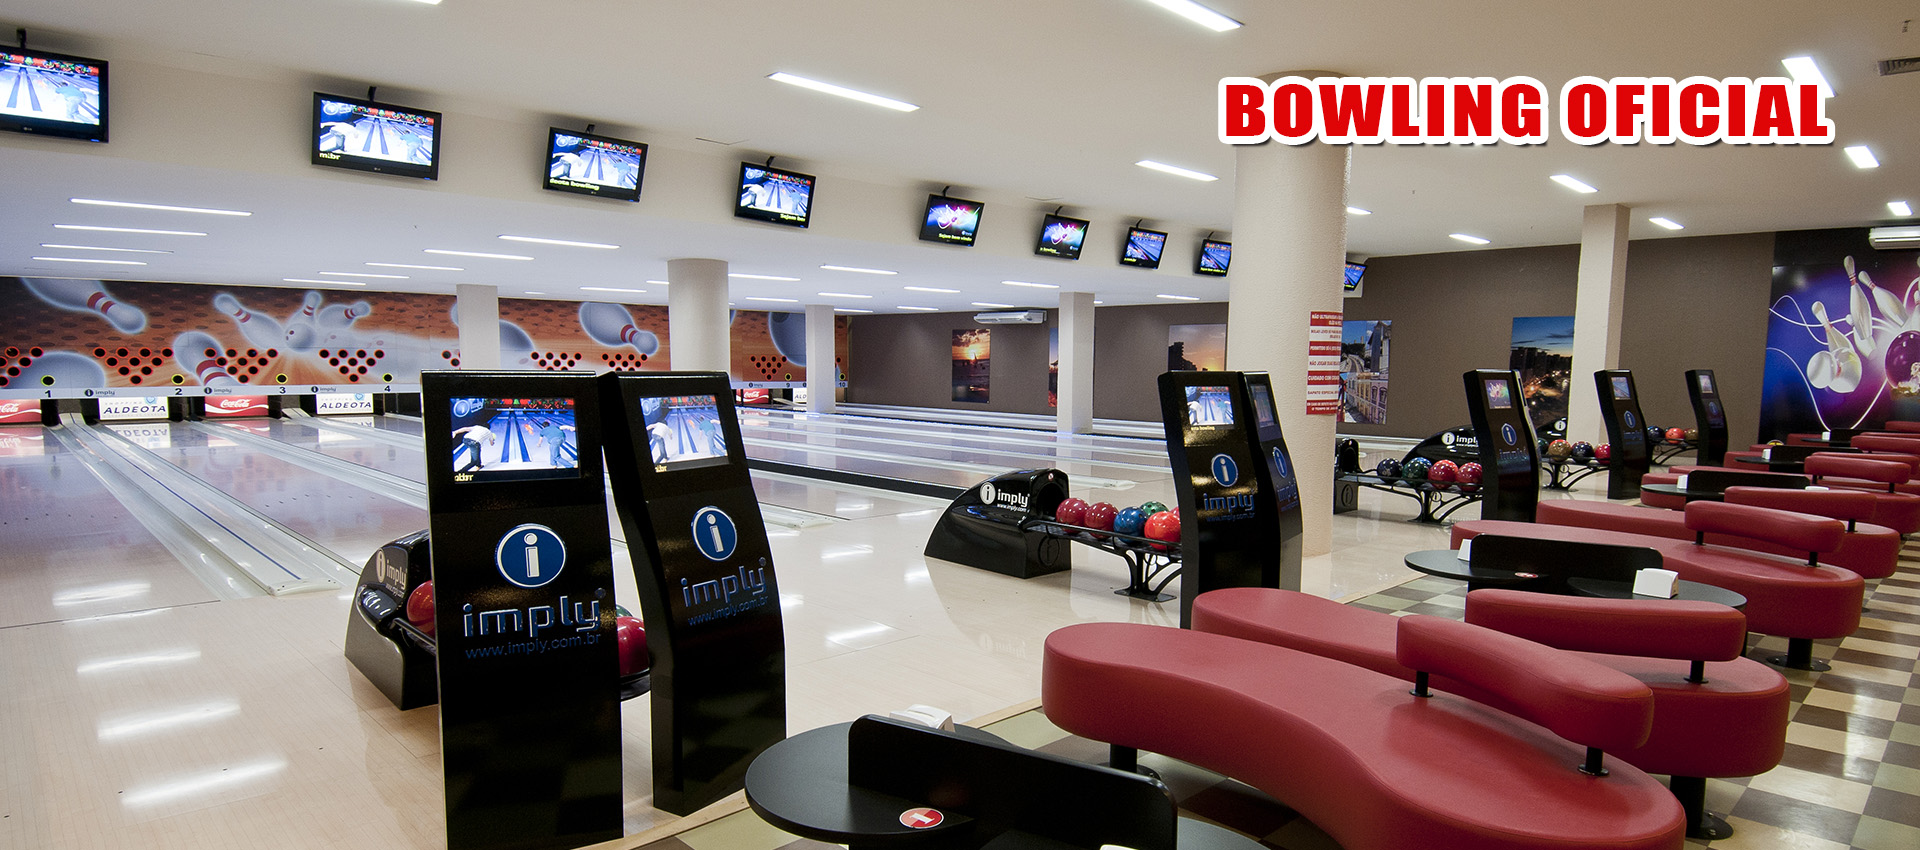 boleras-bowling-oficial